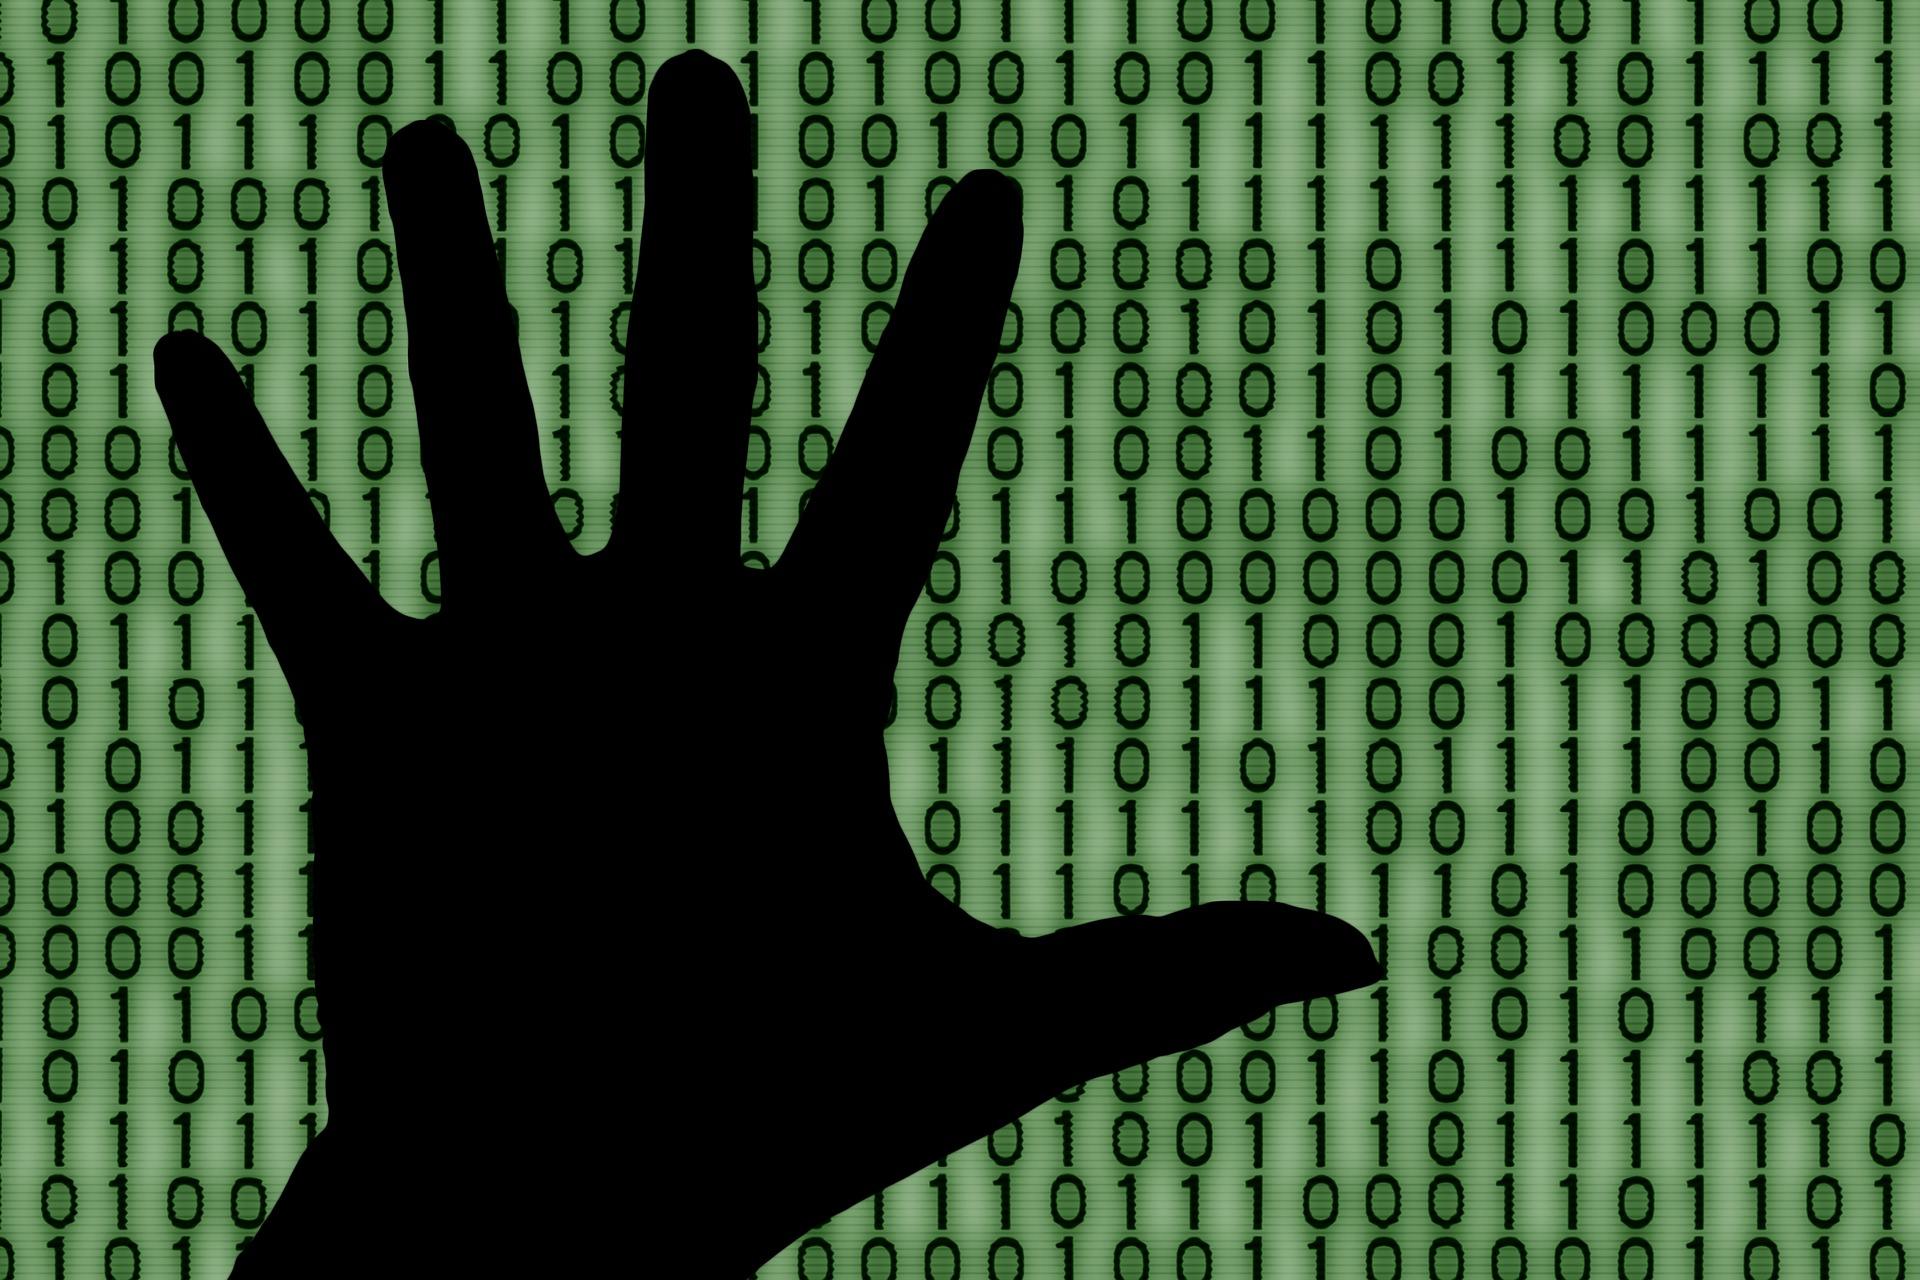 Micro-targeting, profilazioni, algoritmi: il vero problema etico è l'uso da parte della politica dei dati dei cittadini